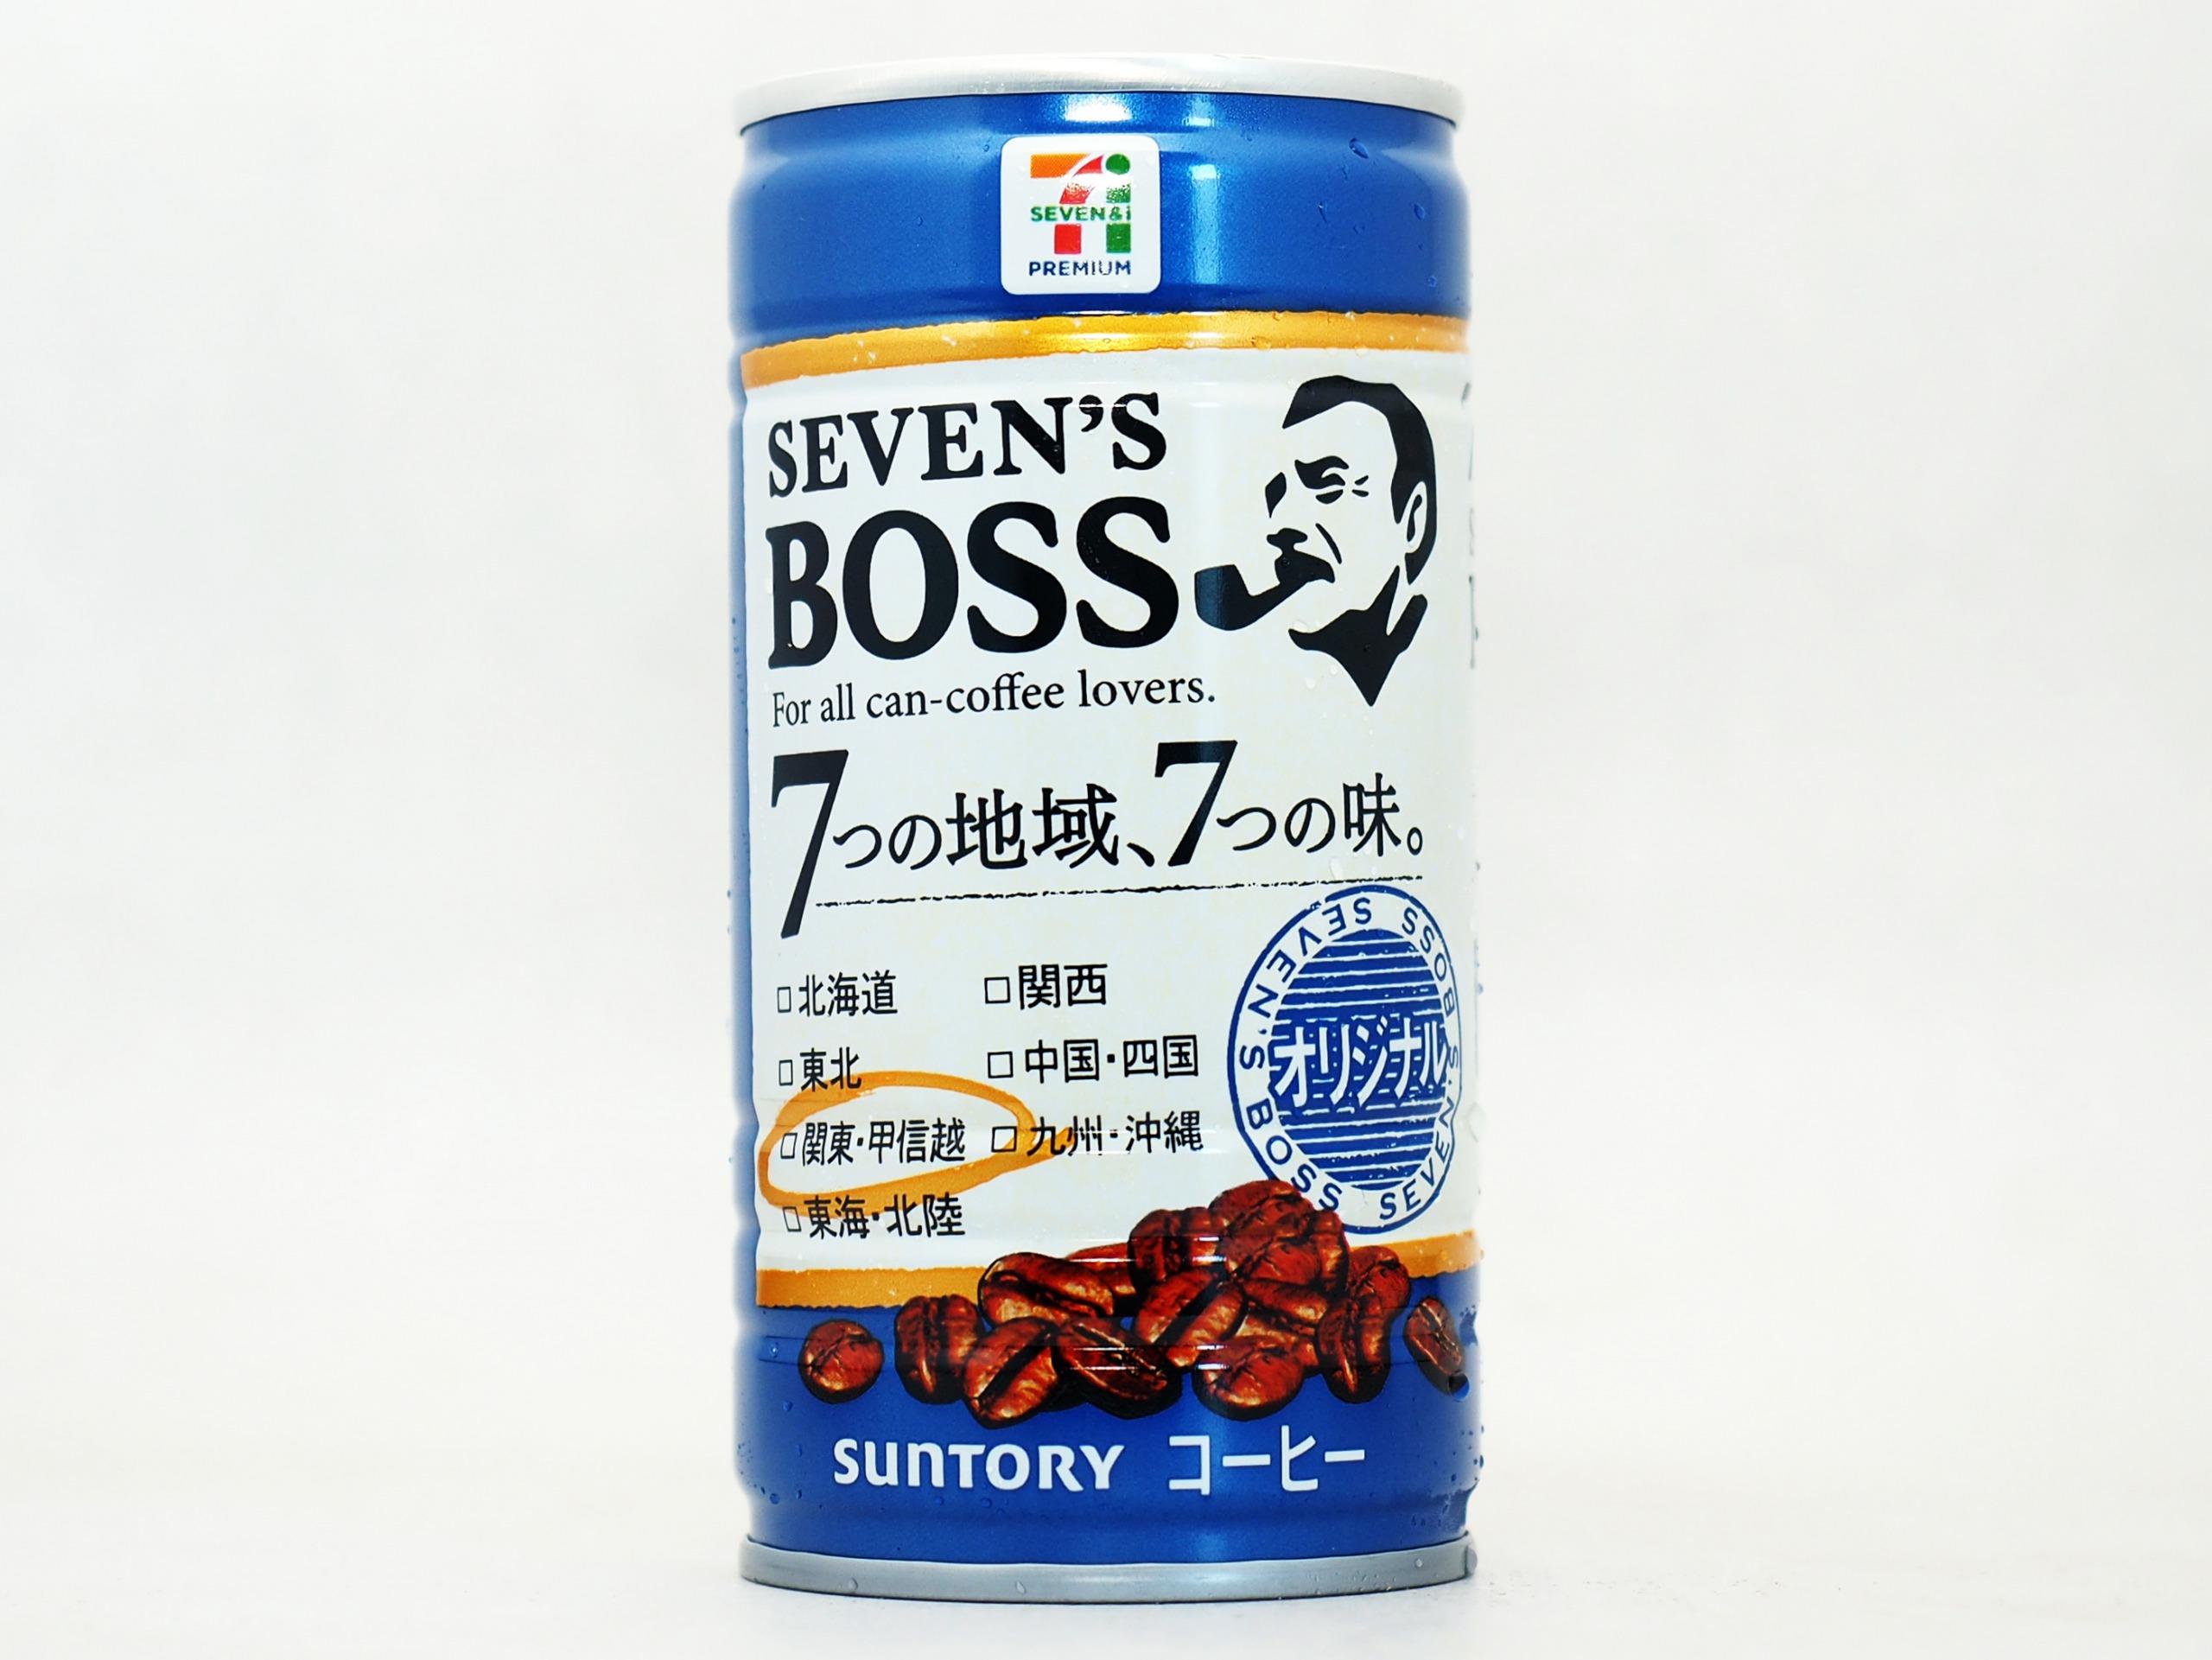 SEVEN'S BOSS オリジナル 関東・甲信越限定